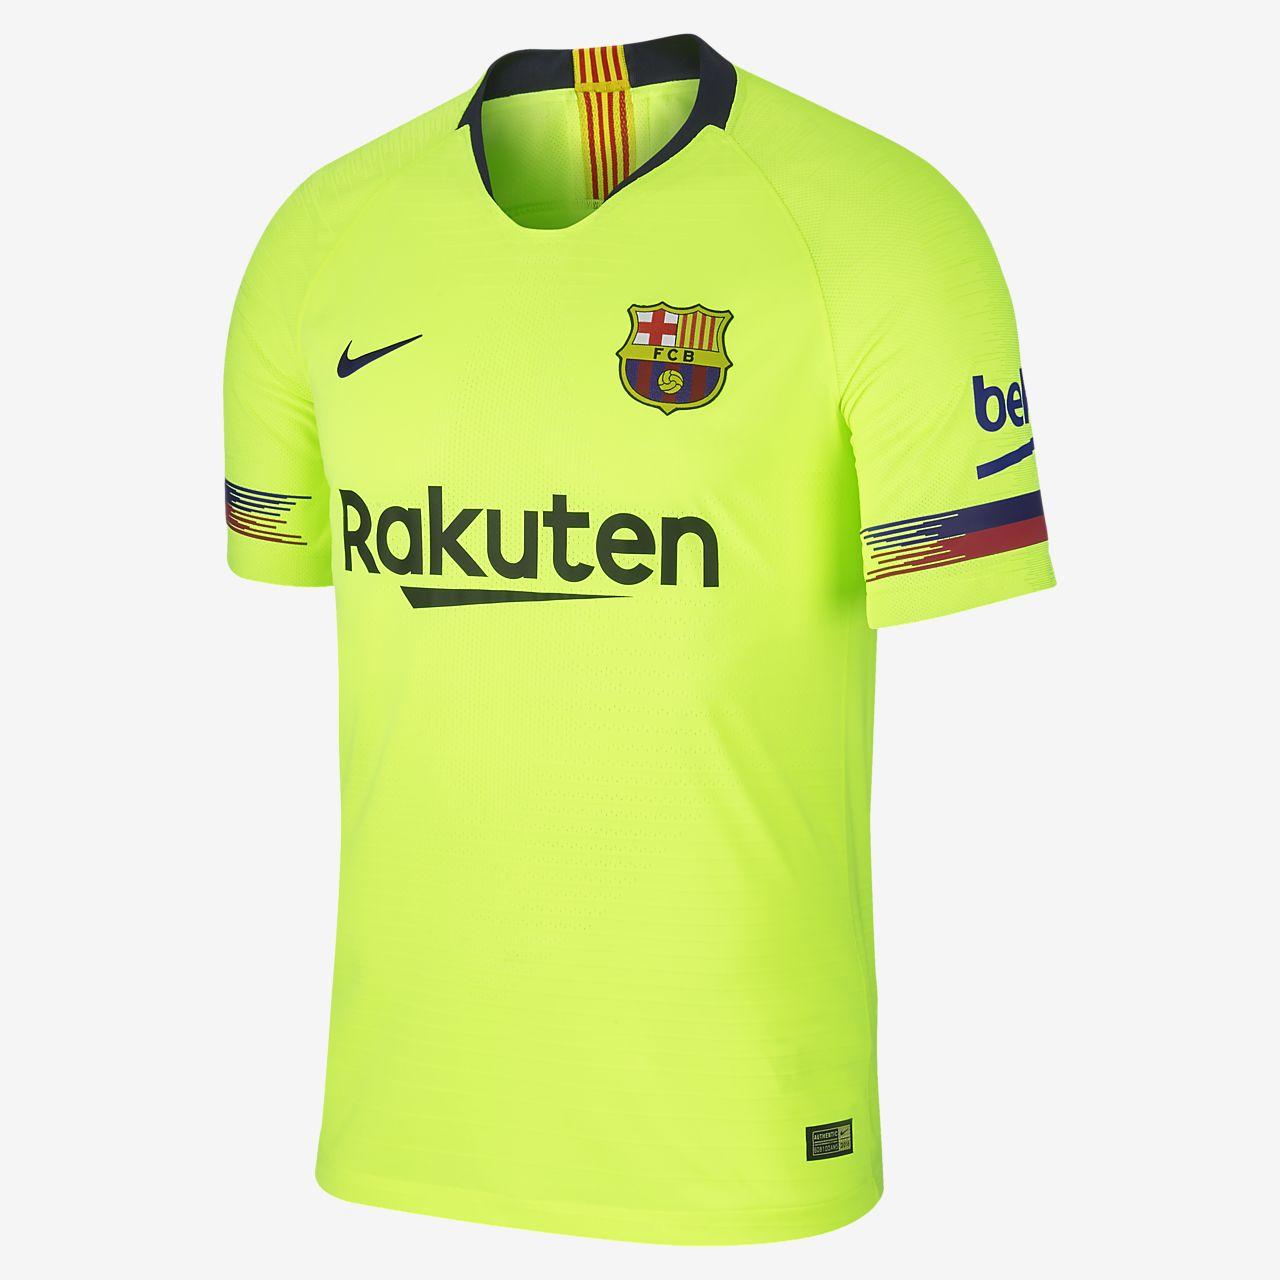 aa86ba1d5 2018 19 FC Barcelona Vapor Match Away Men s Football Shirt. Nike.com CA